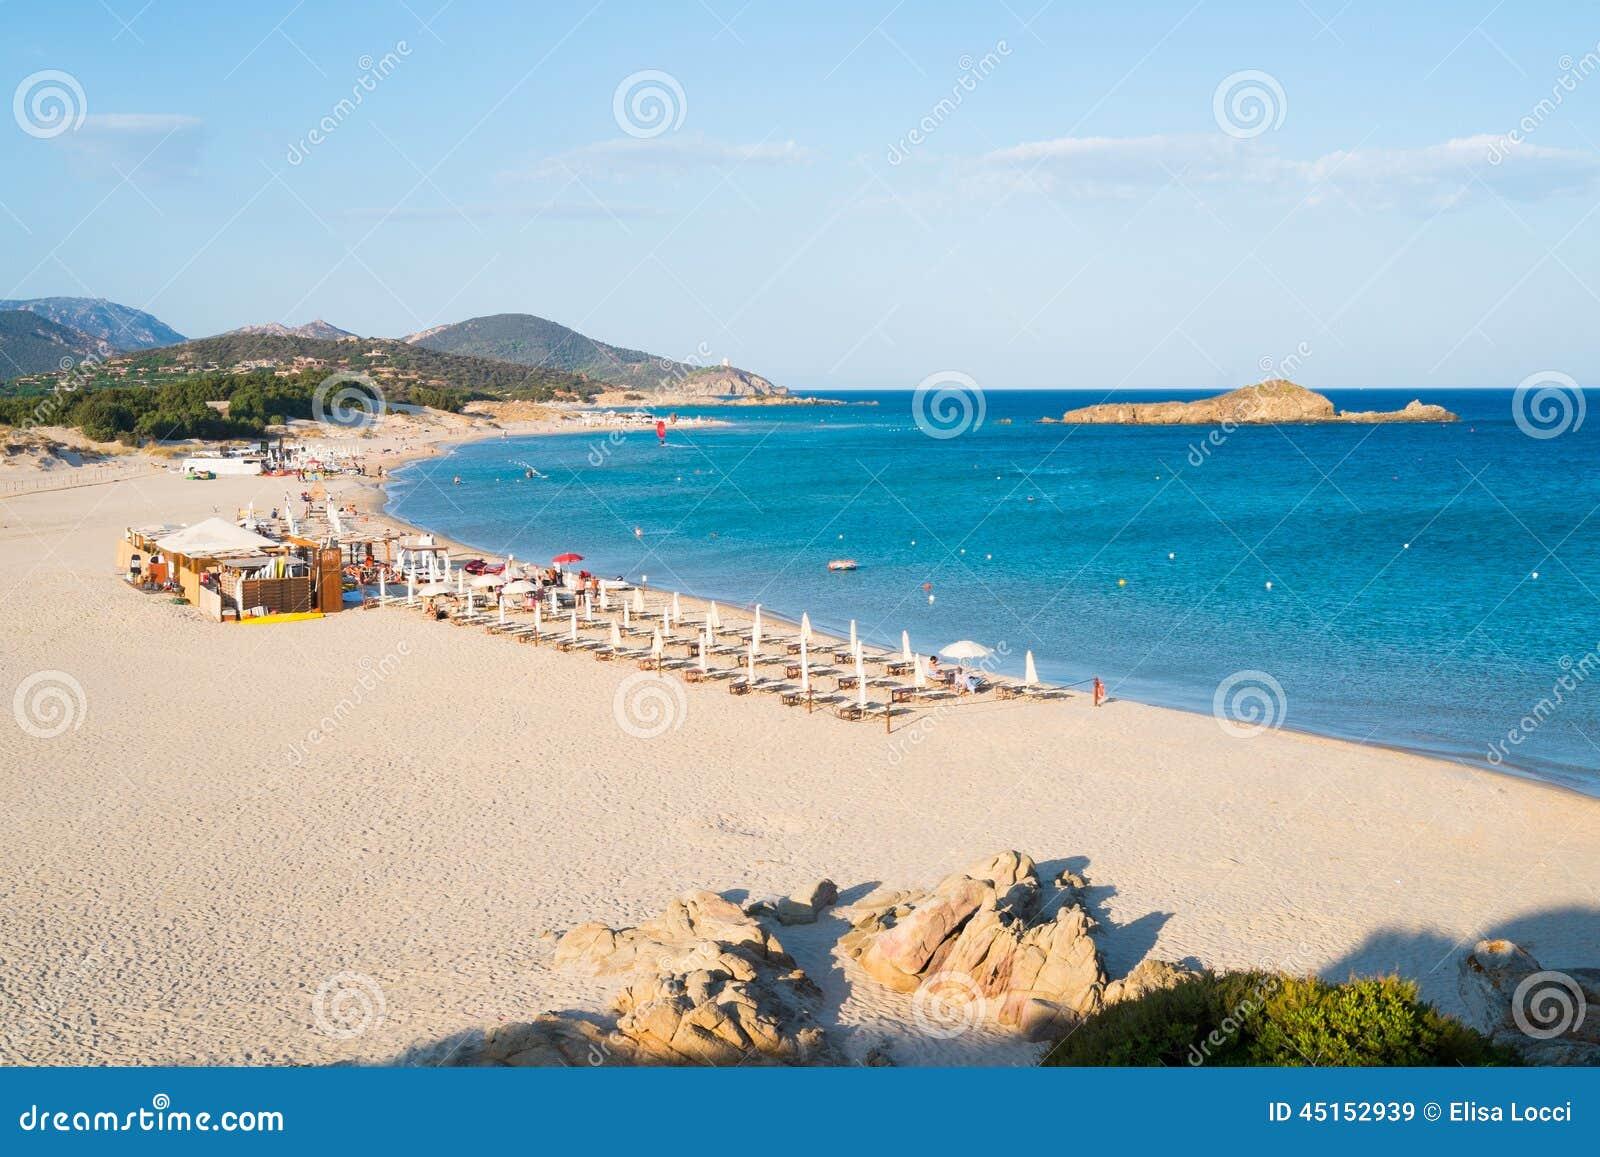 Panorama of Su Giudeu beach in Chia, south of Sardinia, Italy.